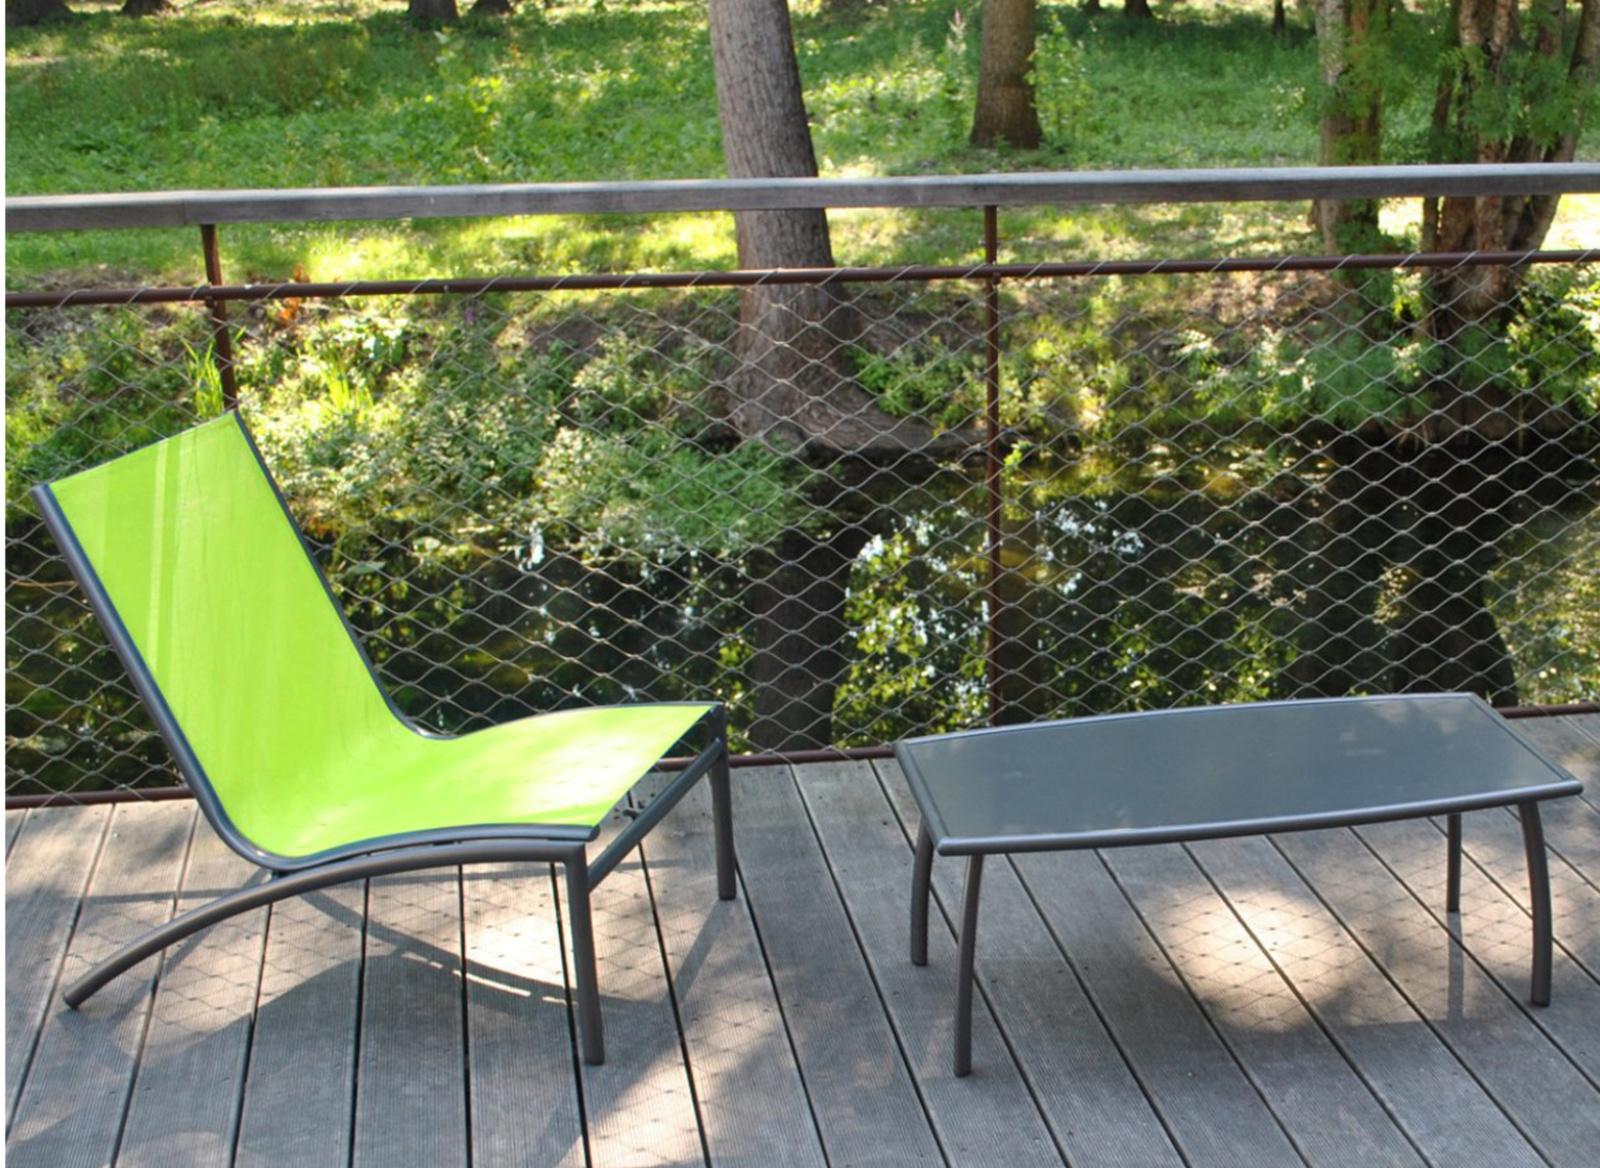 Mobilier de jardin soldes mobilier jardin soldes 5 table for Meubles de jardin en solde